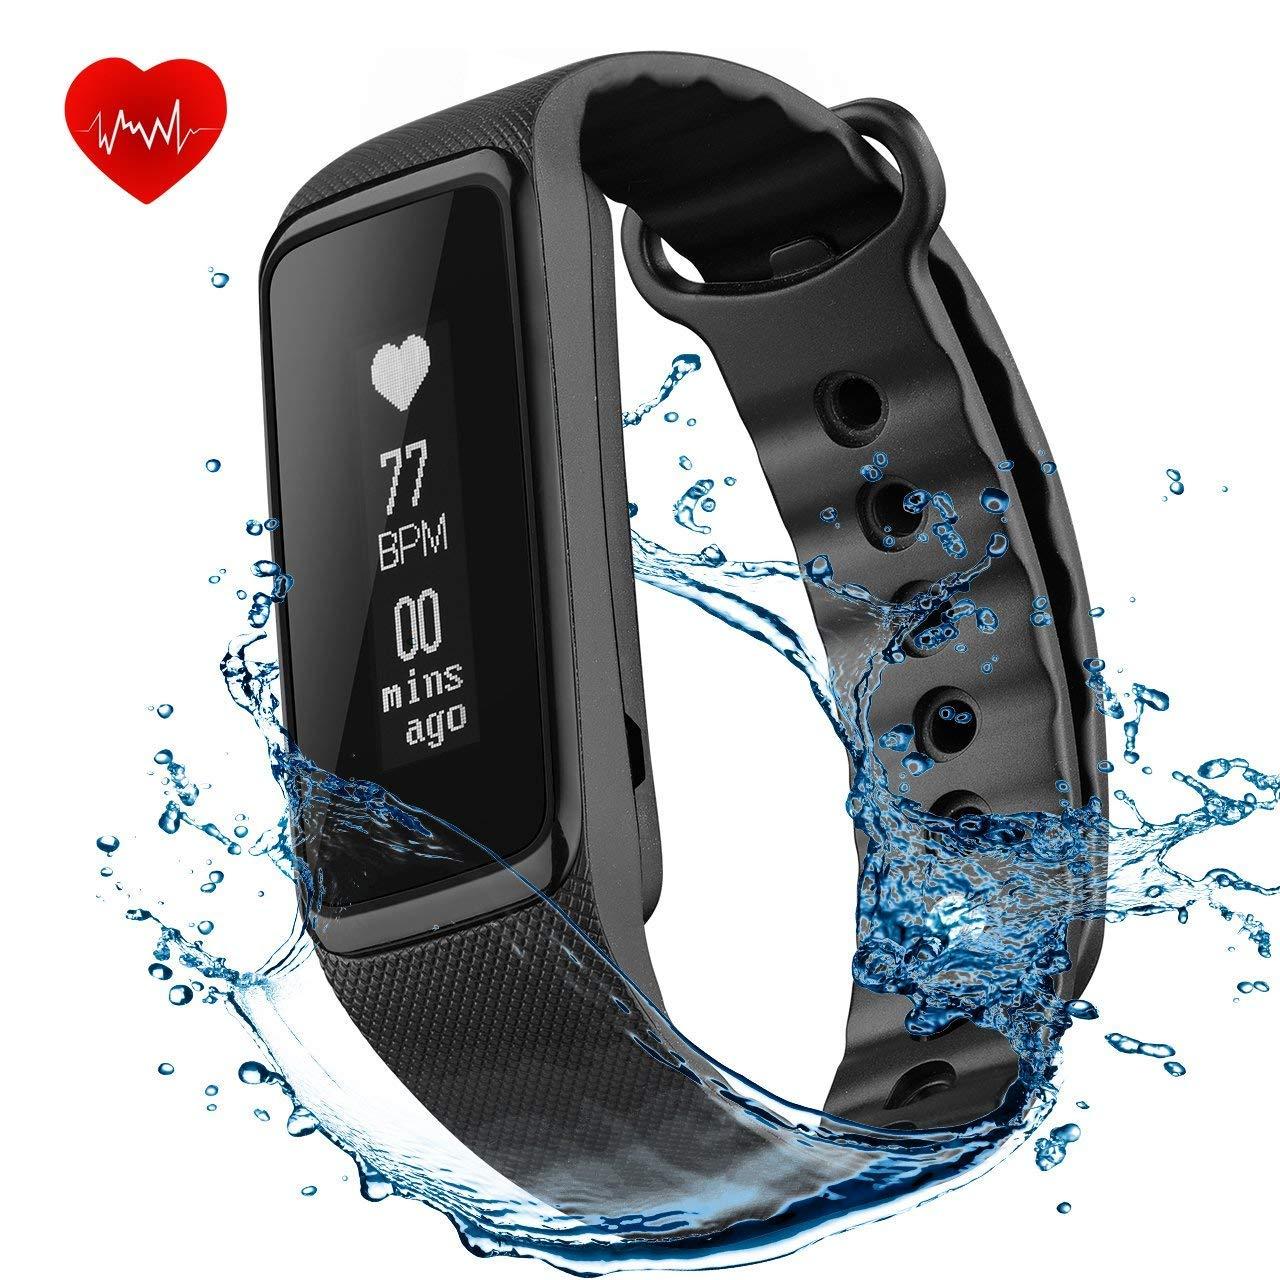 Omorc IP68Bracciale fitness tracker 4.0, Weloop, impermeabile, per sport, con cardiofrequenzimetro, Bluetooth, contapassi, monitoraggio dell'attività fisica e del sonno, notifica chiamate, compatibile con iOS 8.0o superiore, Android 4.4o superiore, nero